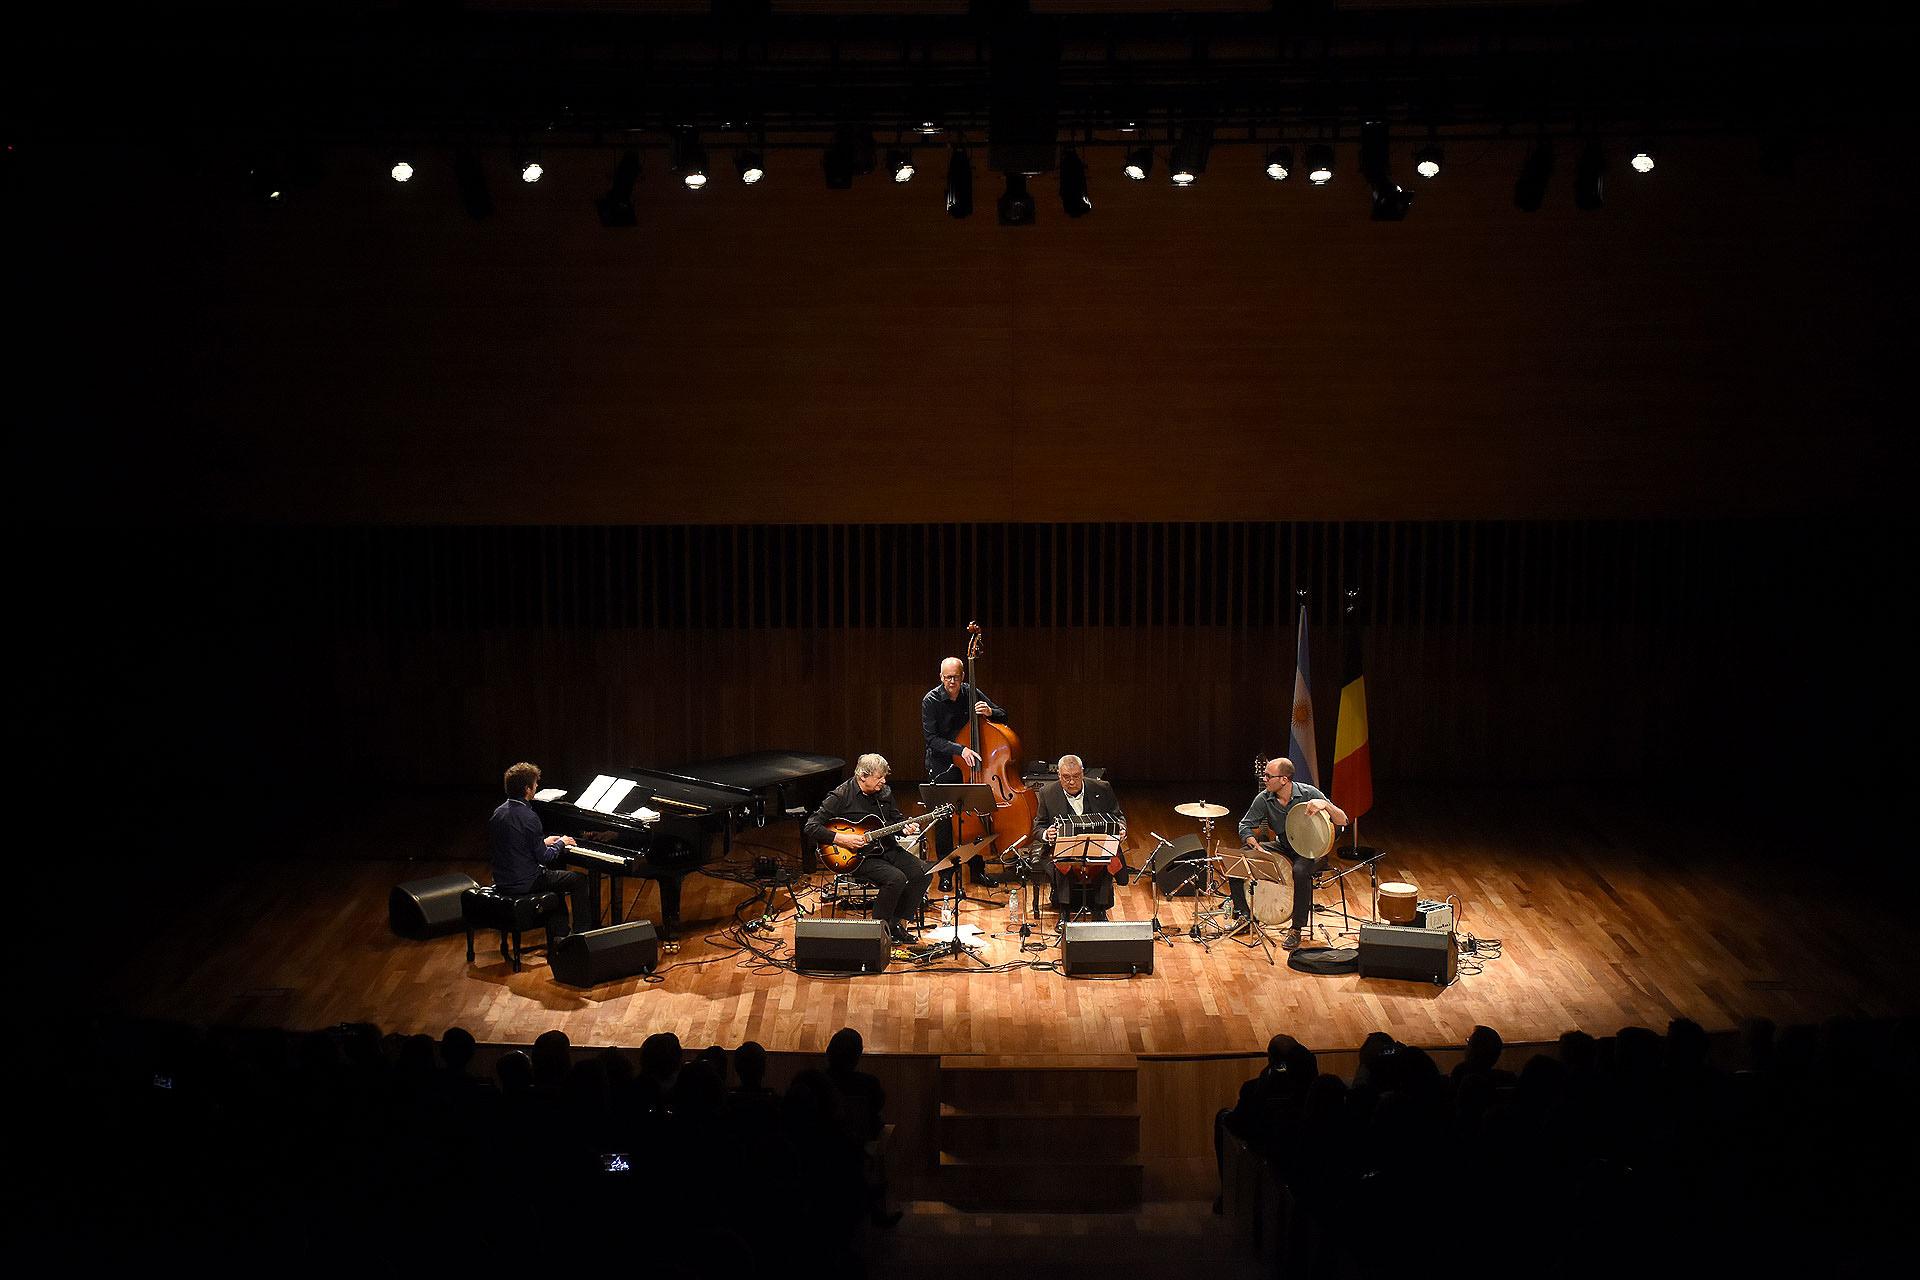 Sentada en primera fila, la princesa Astrid disfrutó del concierto del Philip Catherine Quartet y del bandoneonista Dino Saluzzi, que se llevó a cabo en la Sala Argentina